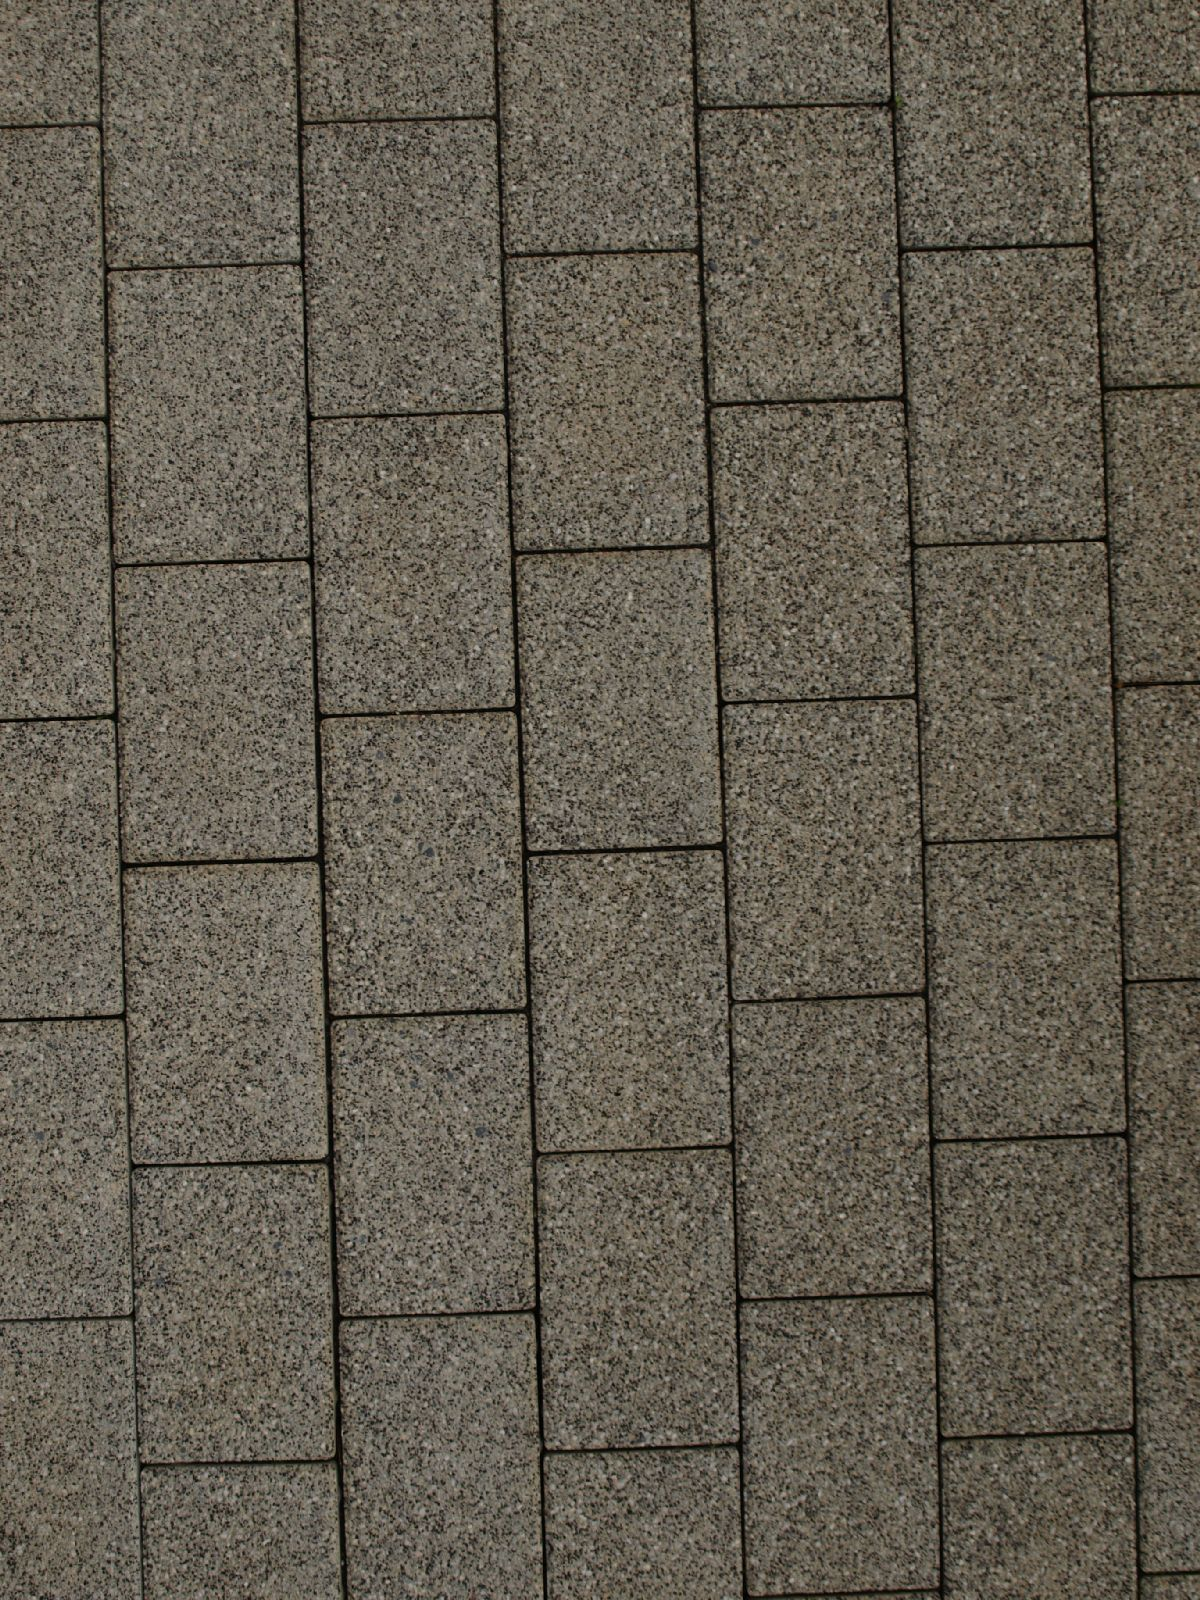 Boden-Gehweg-Strasse-Buergersteig-Textur_A_PC011371